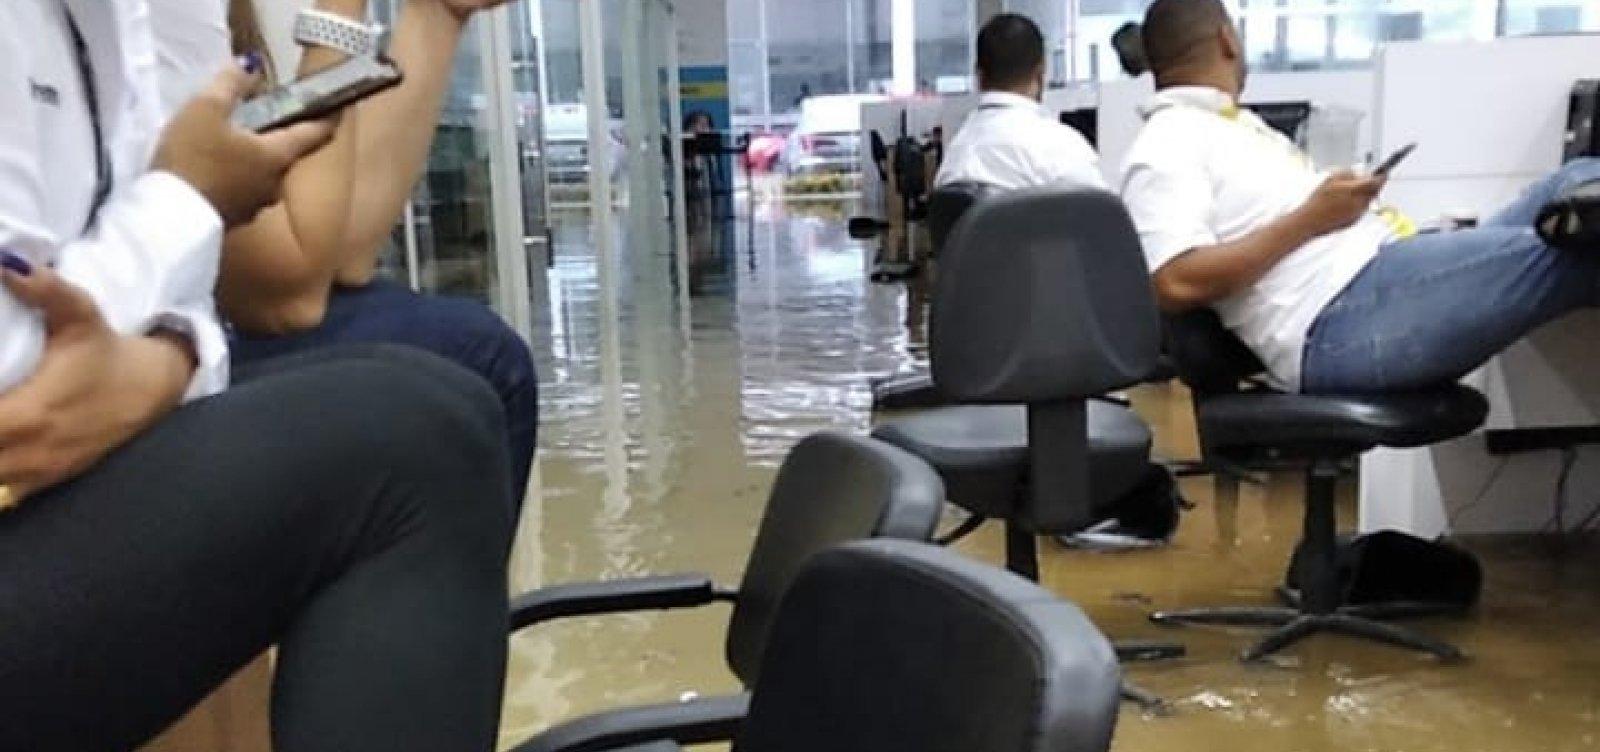 Concessionária é invadida pela água da chuva em Salvador; veja vídeo